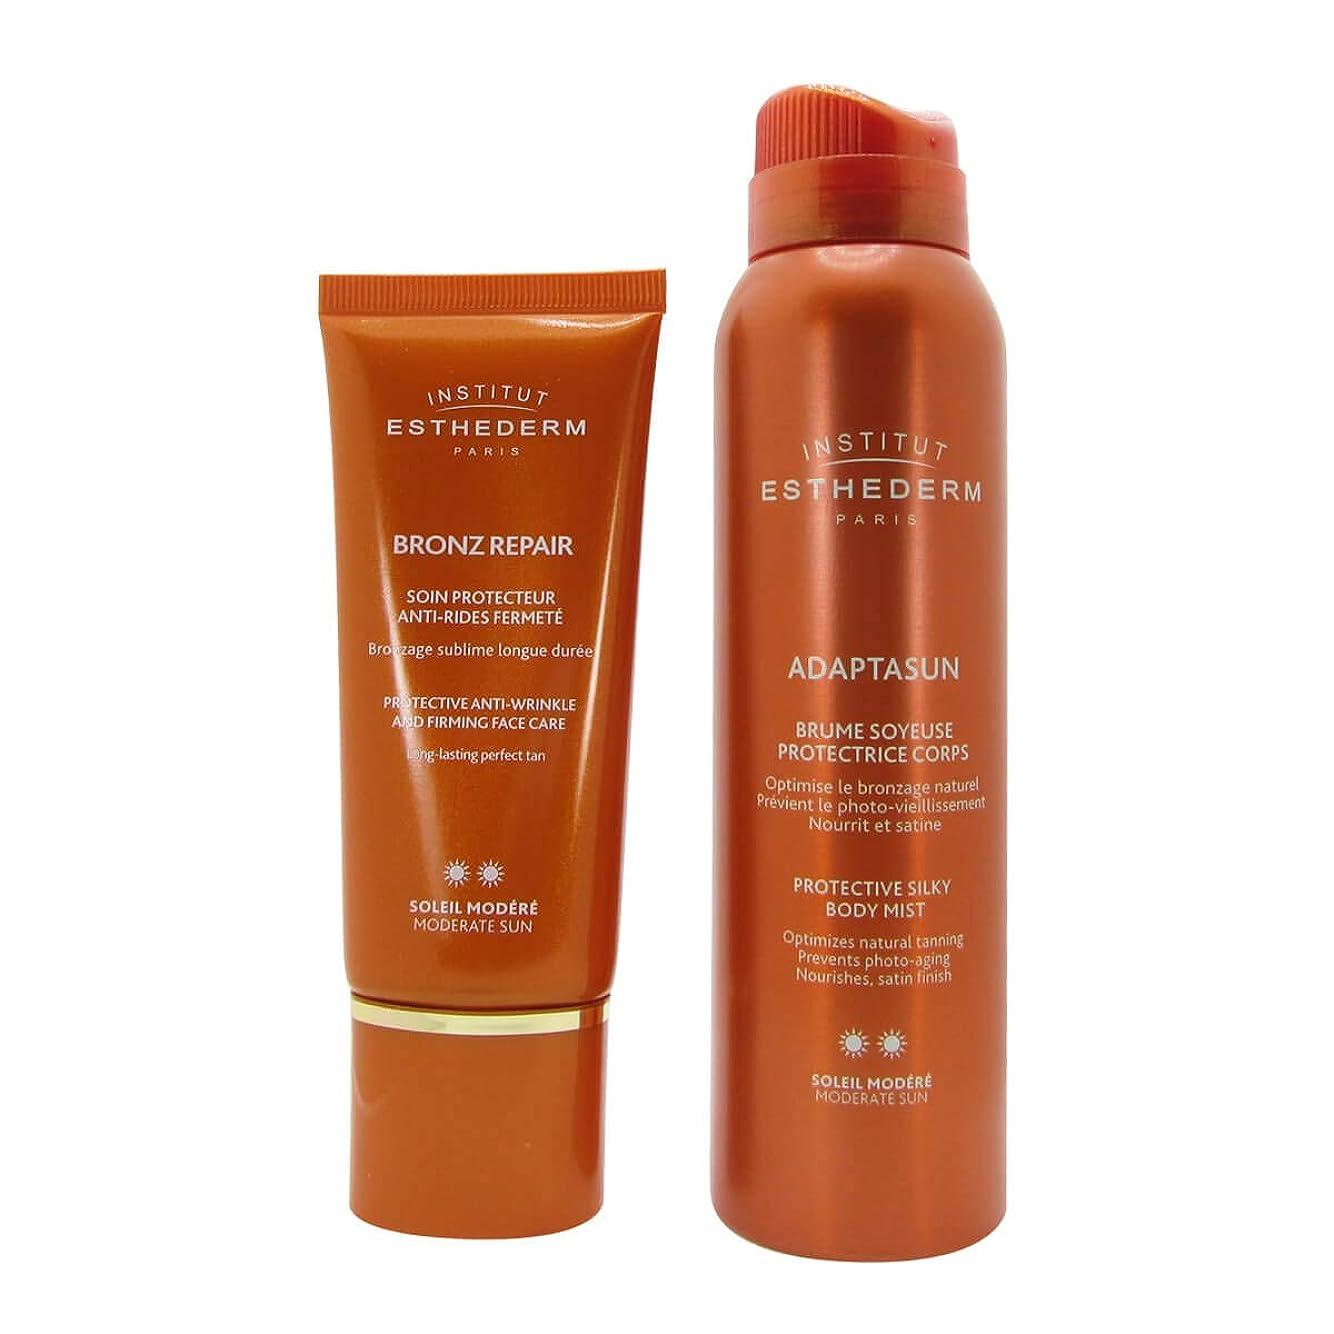 葉を拾う禁止する輸血Institut Esthederm Pack Protective Silky Body Mist Moderate Sun 150ml + Bronz Repair Protective Anti-Wrinkle and Firming Face Care Moderate Sun 50ml